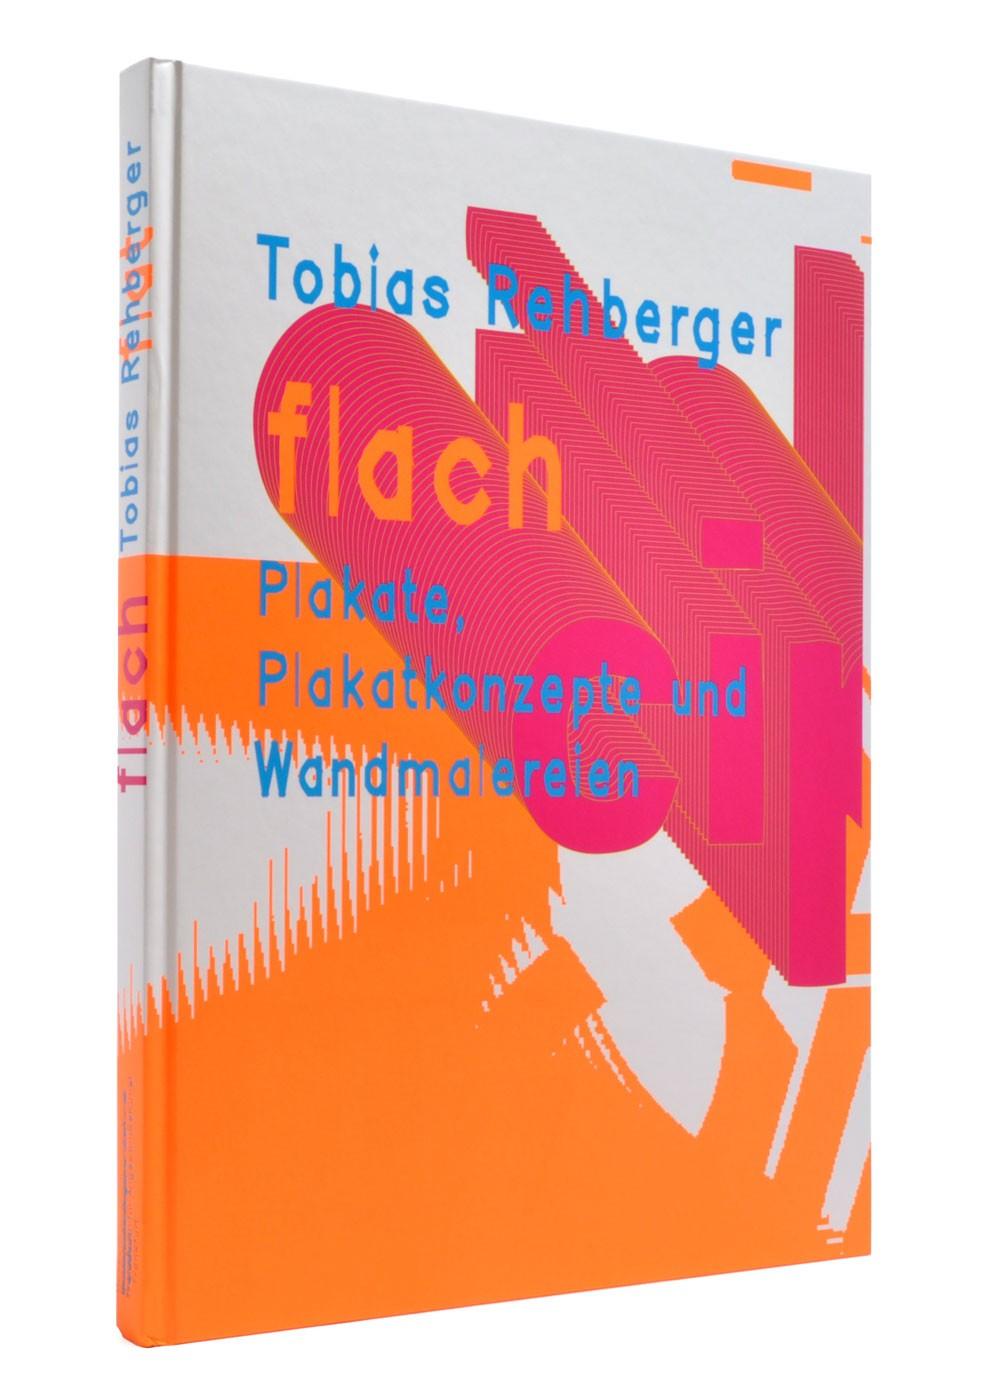 flach: Plakate, Plakatkonzepte und Wandmalereie...